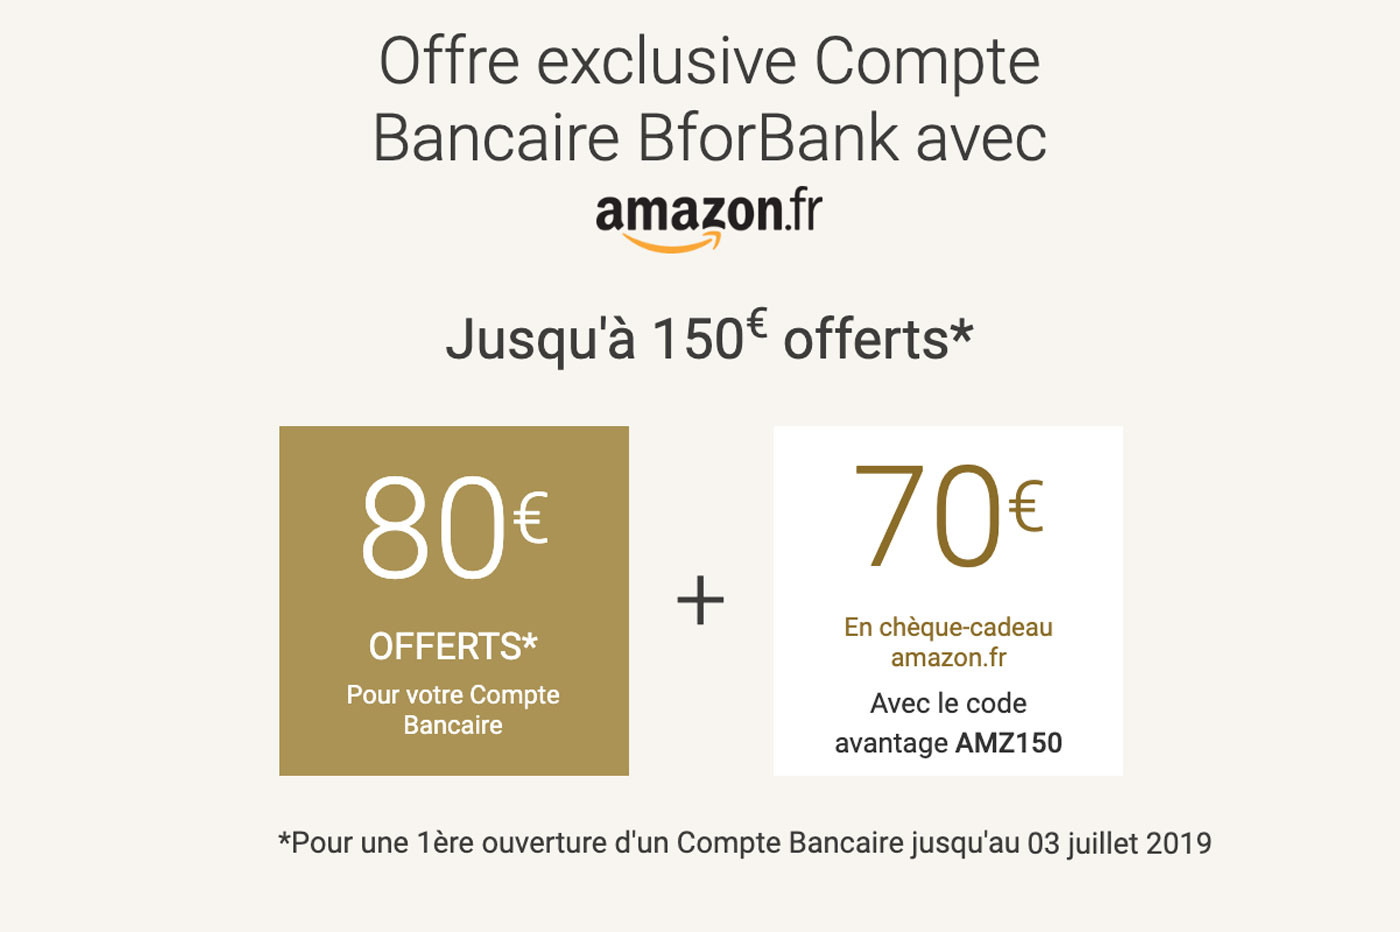 8b32727695259 Amazon x BforBank : 150€ de prime à l'ouverture, c'est bientôt fini